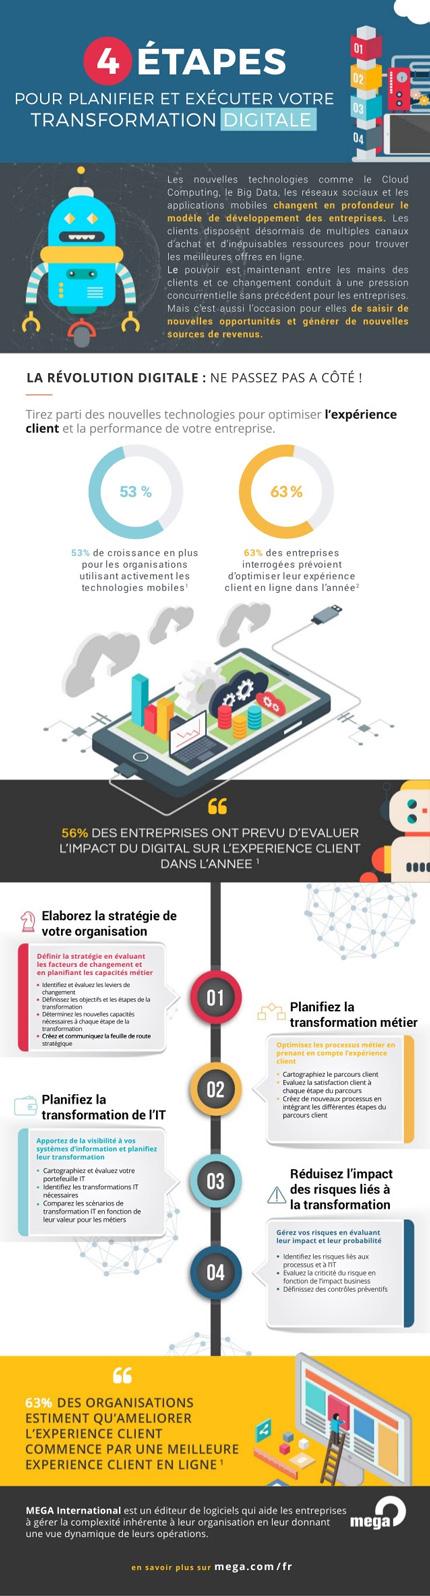 4 étapes pour planifier et exécuter sa transformation digitale